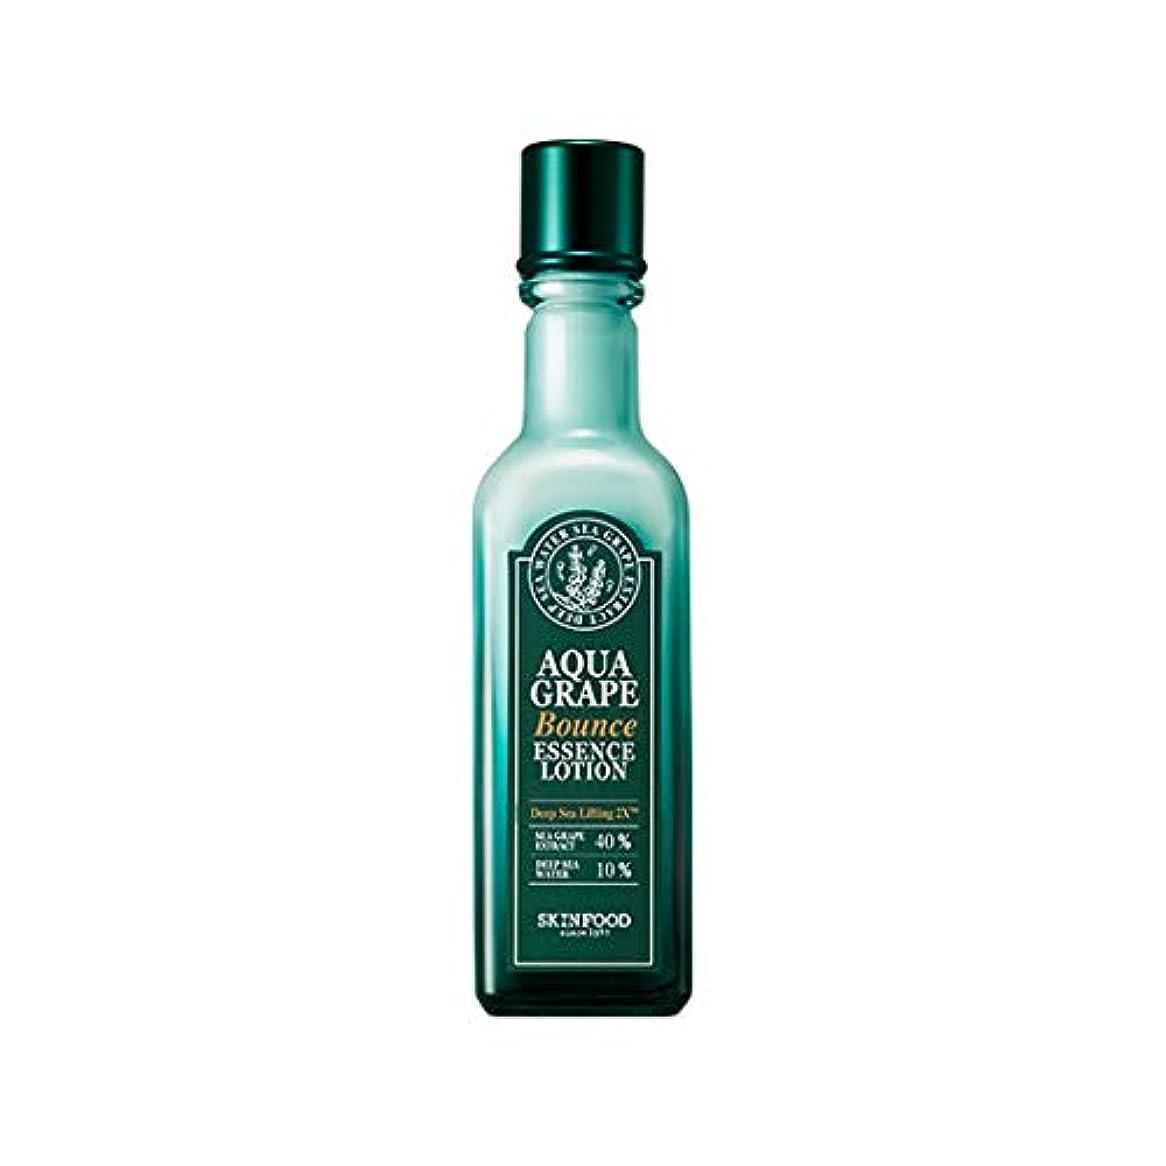 データベース爪好奇心盛Skinfood アクアグレープバウンスエッセンスローション/Aqua Grape Bounce Essence Lotion 120ml [並行輸入品]